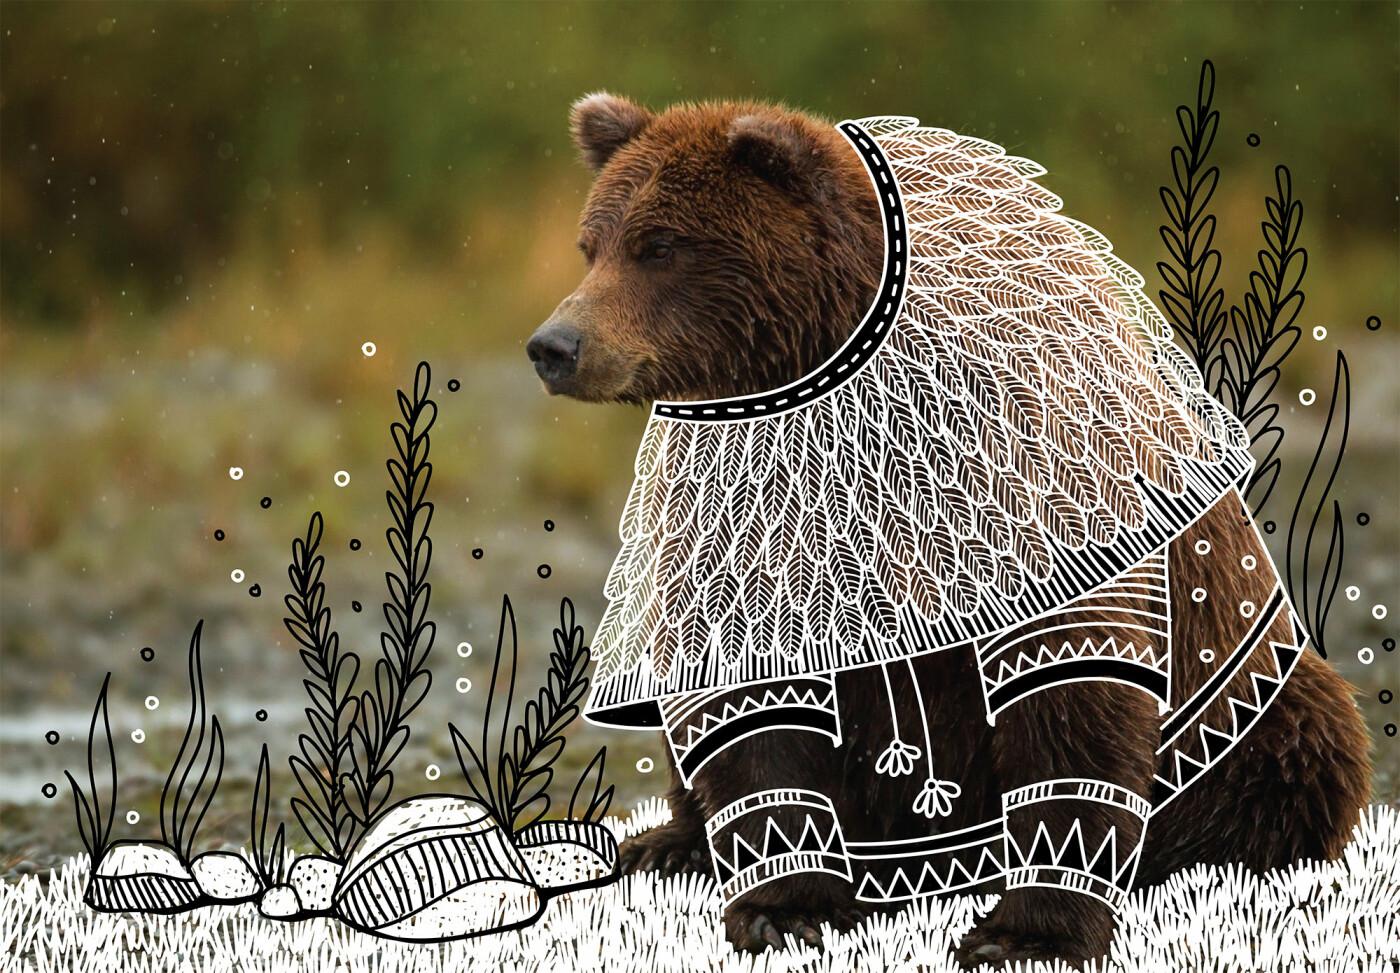 Индийский иллюстратор Рохан Шарад Дахотр и его необычный взгляд на животных и птиц, фото-3